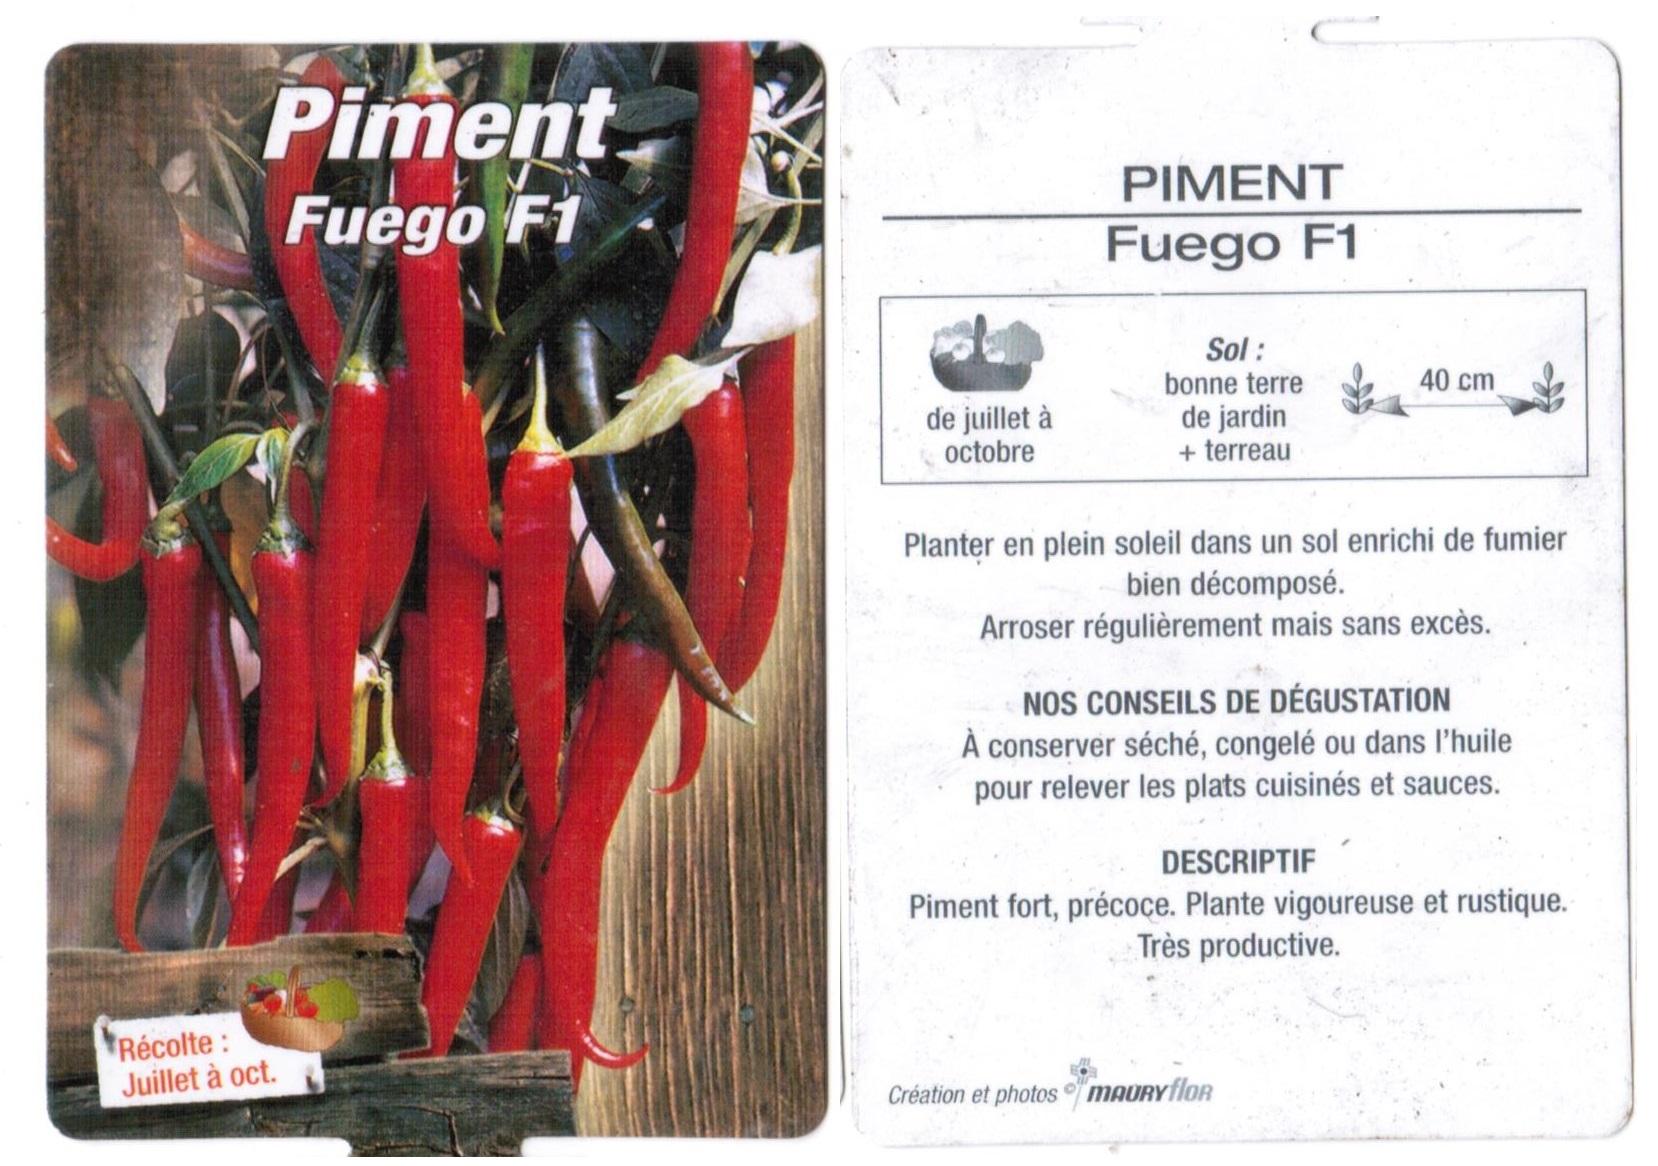 Piment plantons plants potager - La jardinerie de pessicart nice - Livraison a domicile nice 06 plantes vertes terres terreaux jardinage arbres cactus